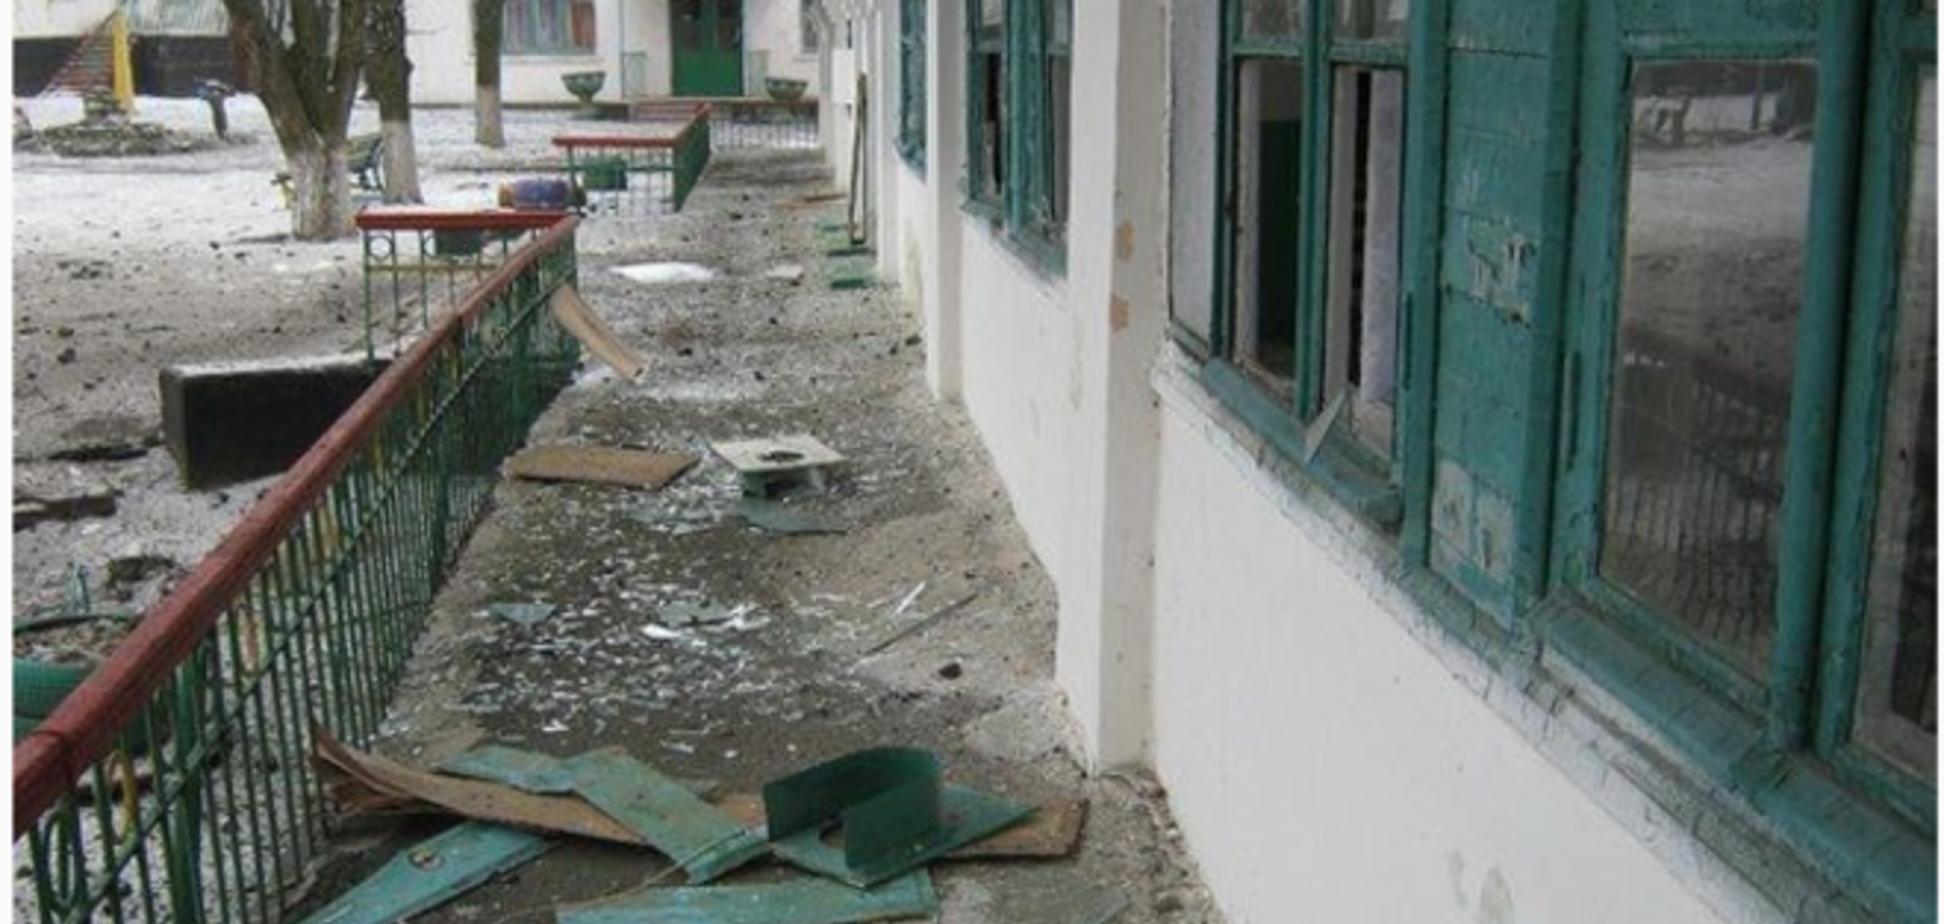 Боевики ударили 'Градом' по детской здравнице в Попасной: фото последствий